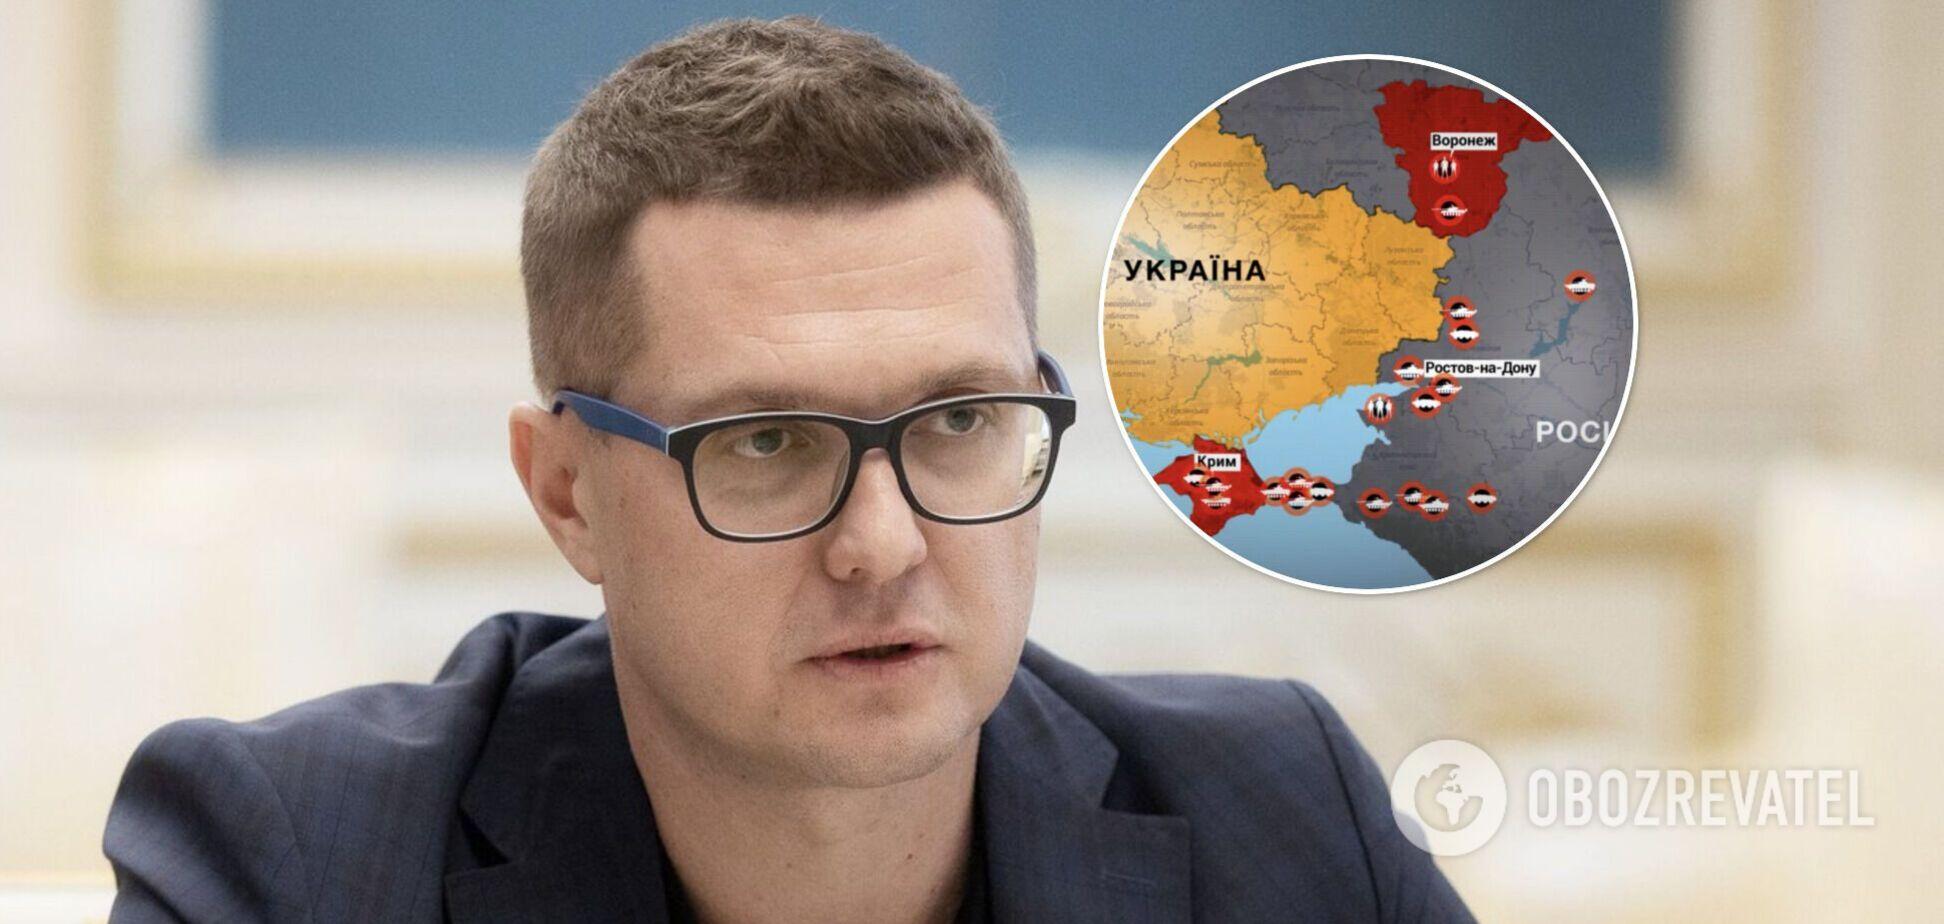 Россия может вторгнуться в Украину на пяти направлениях, – Баканов